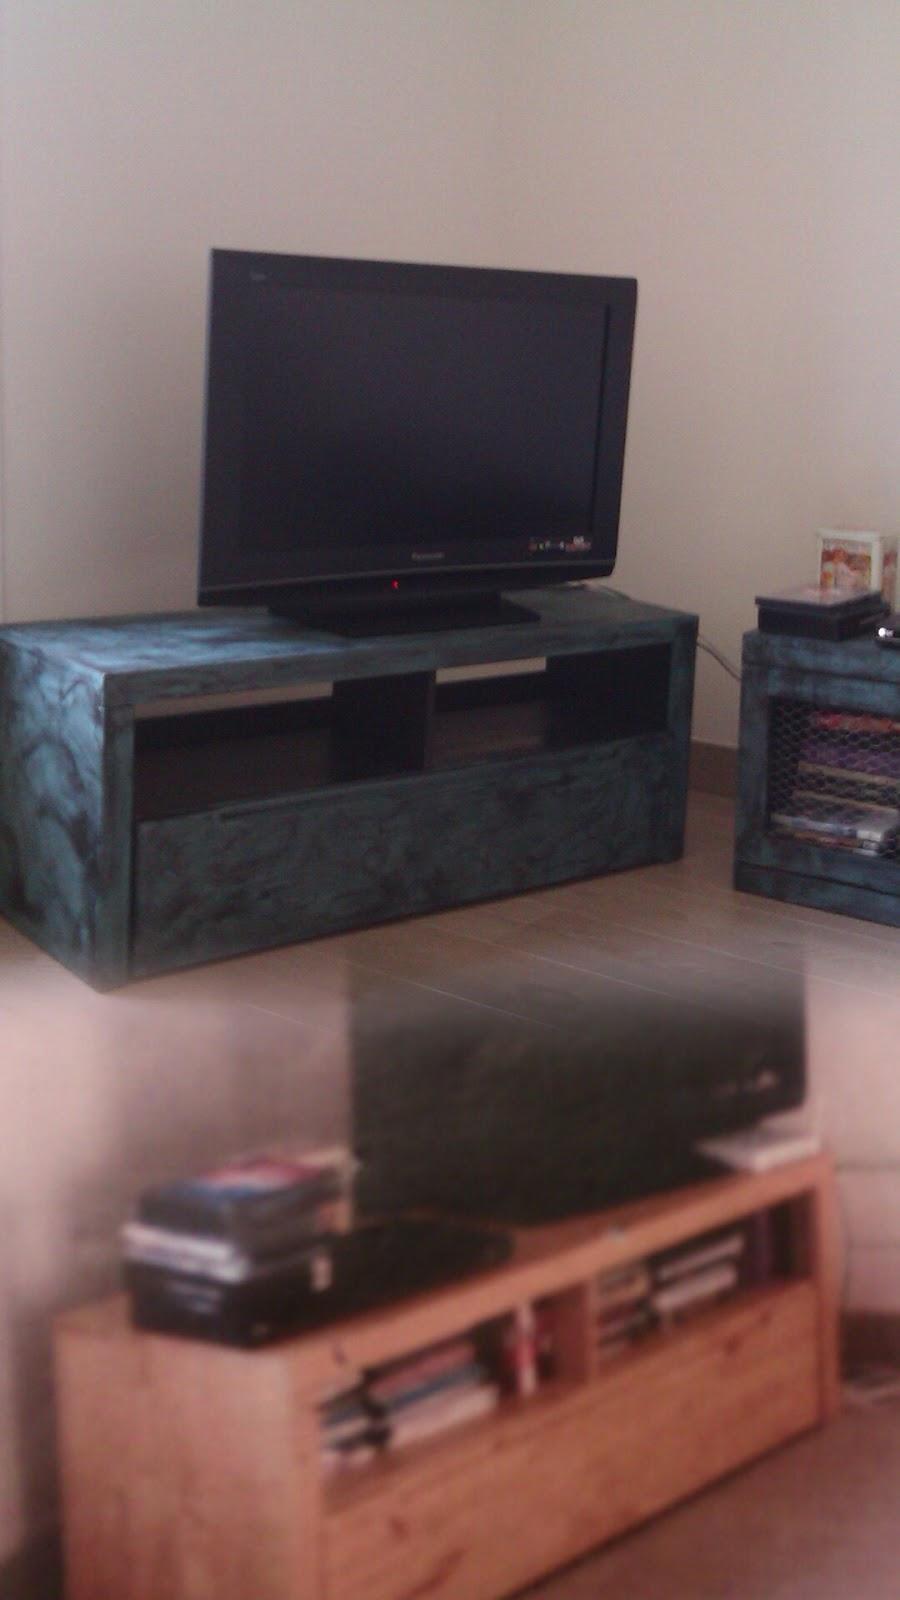 Candini muebles pintados nuevos y redecorados decapar muebles un orgullo de oficio - Decapar muebles barnizados ...